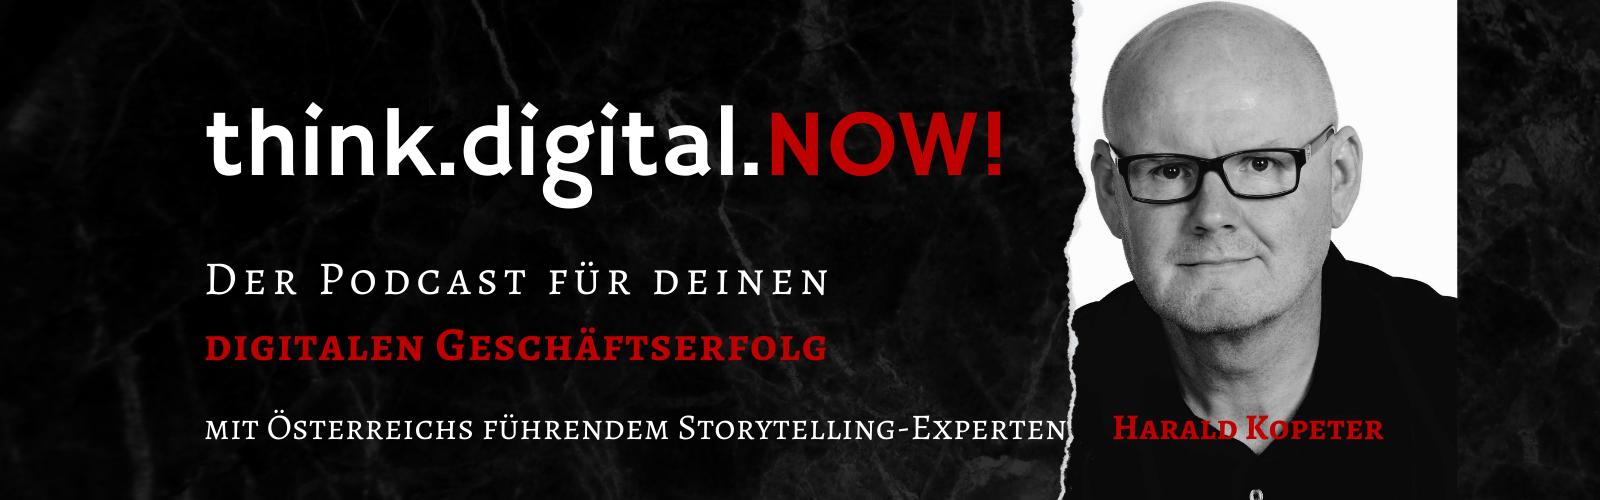 Harald Kopeter startet eigenen Podcast